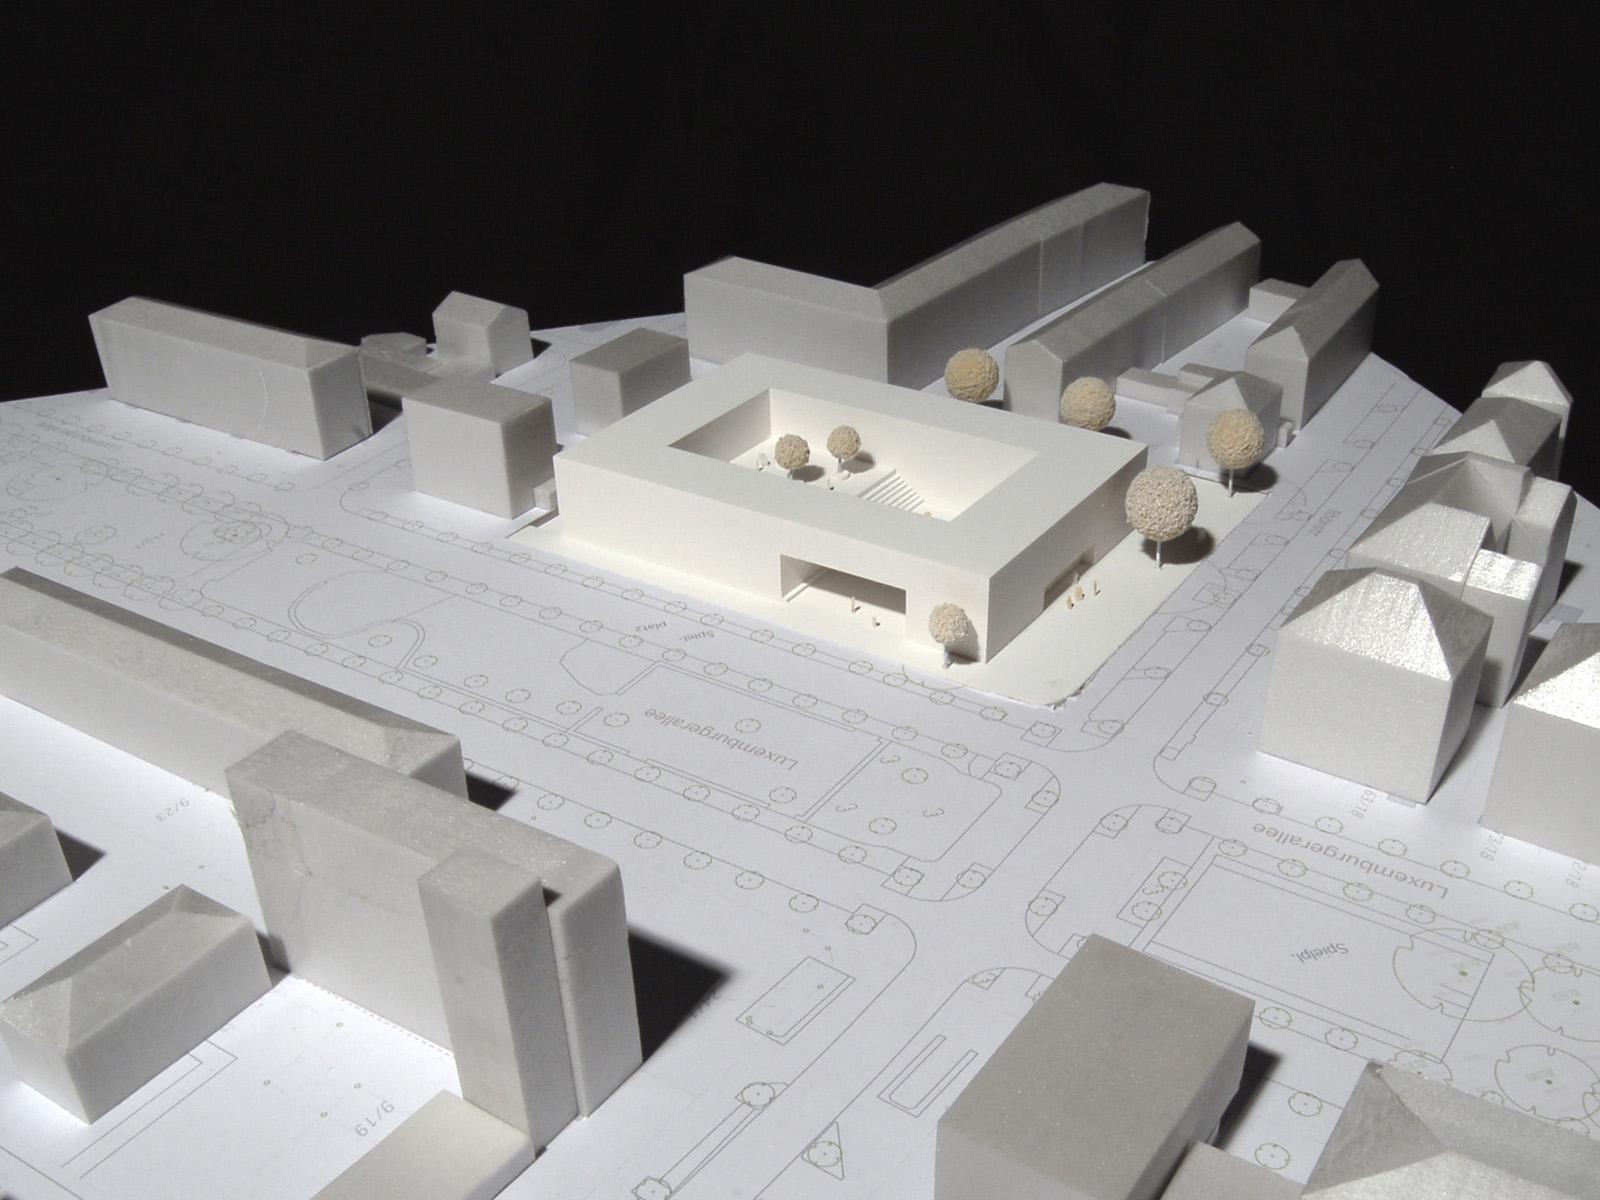 Modell-Wettbewerb-Dahlmannschule-Frankfurt-am-Main-4.Preis-2011-© Friedrich-Poerschke-Zwink-Architekten